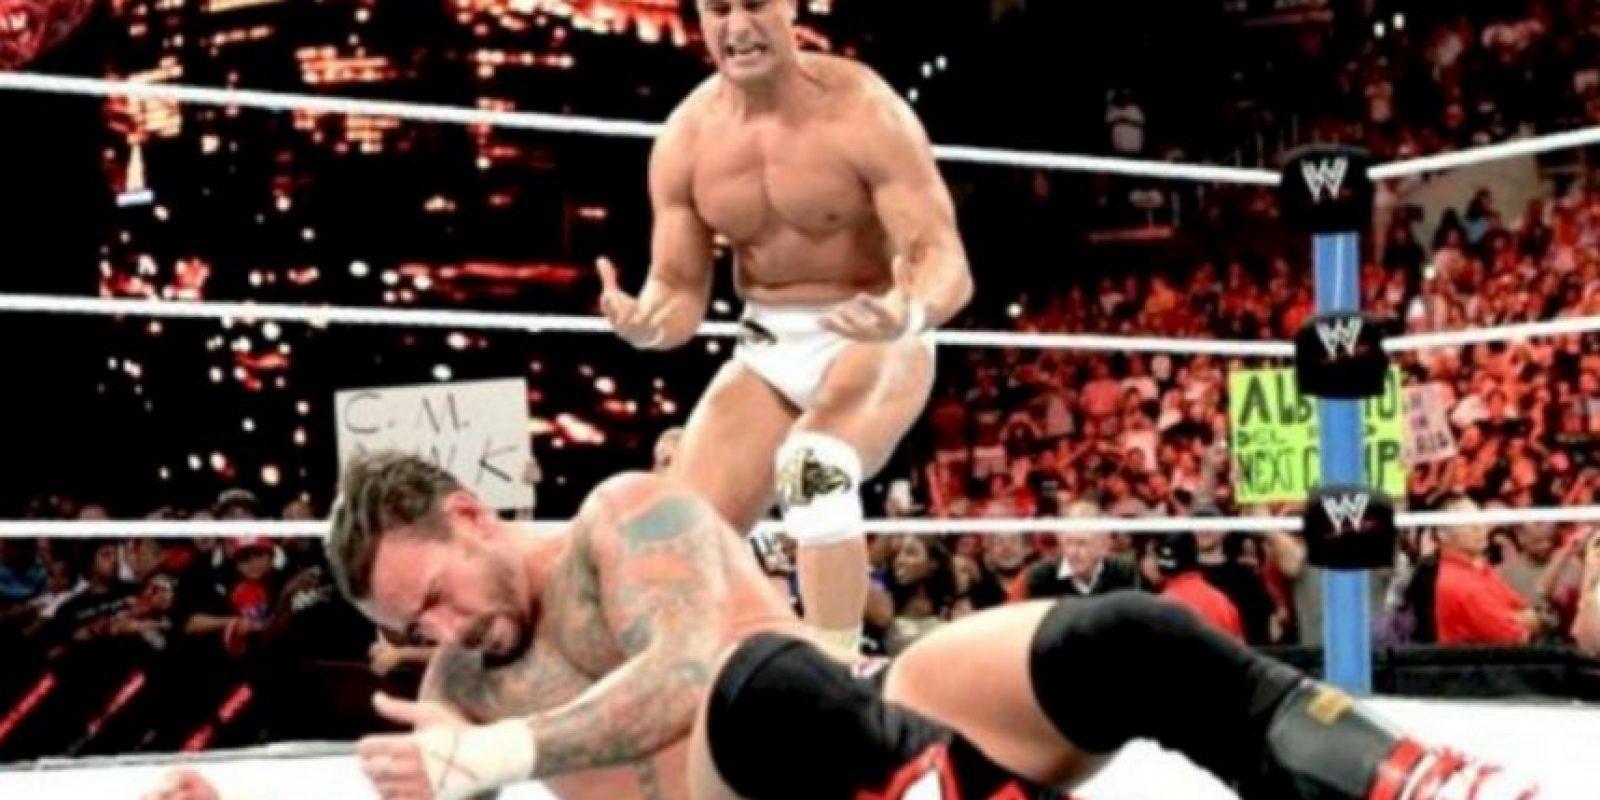 """Fotos: Los 9 reinados más fugaces de la WWE Venció a Cena en SummerSlam de 2011, pero en esa función cayó con Alberto del Río que cambió el """"Dinero en el Banco"""" Foto:WWE"""